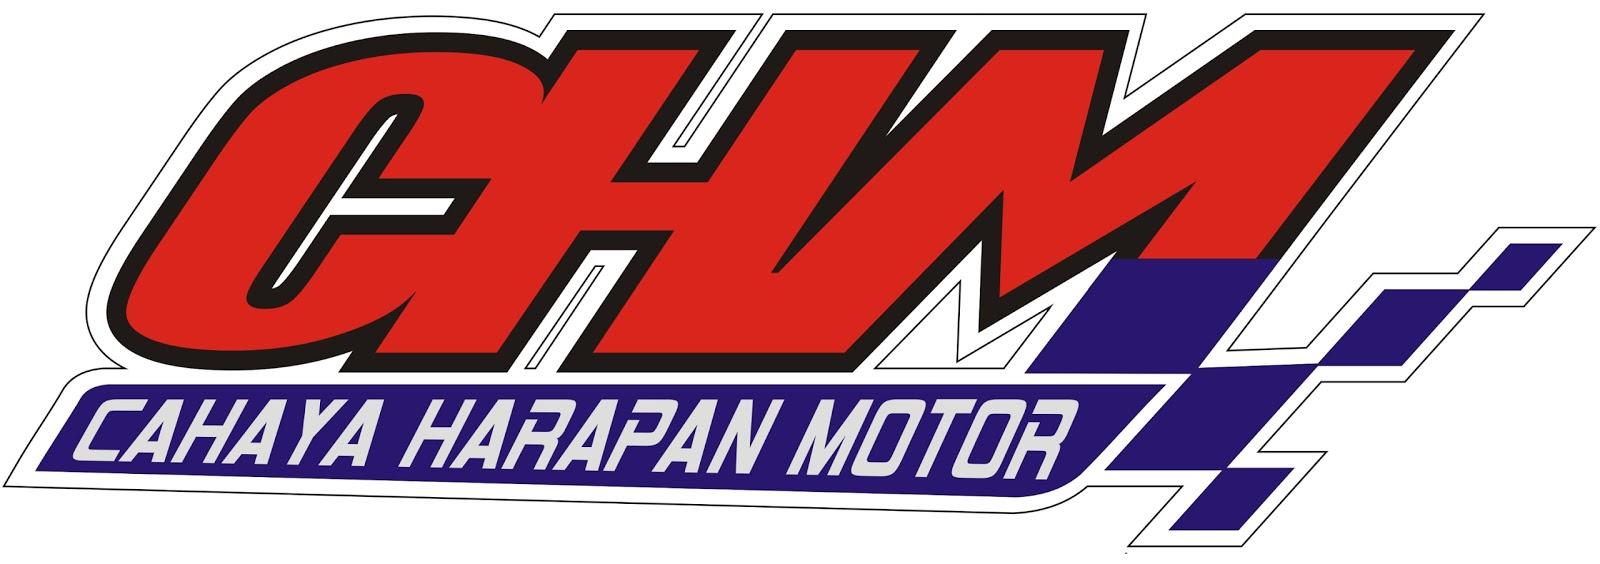 september 2013 madiun racing team